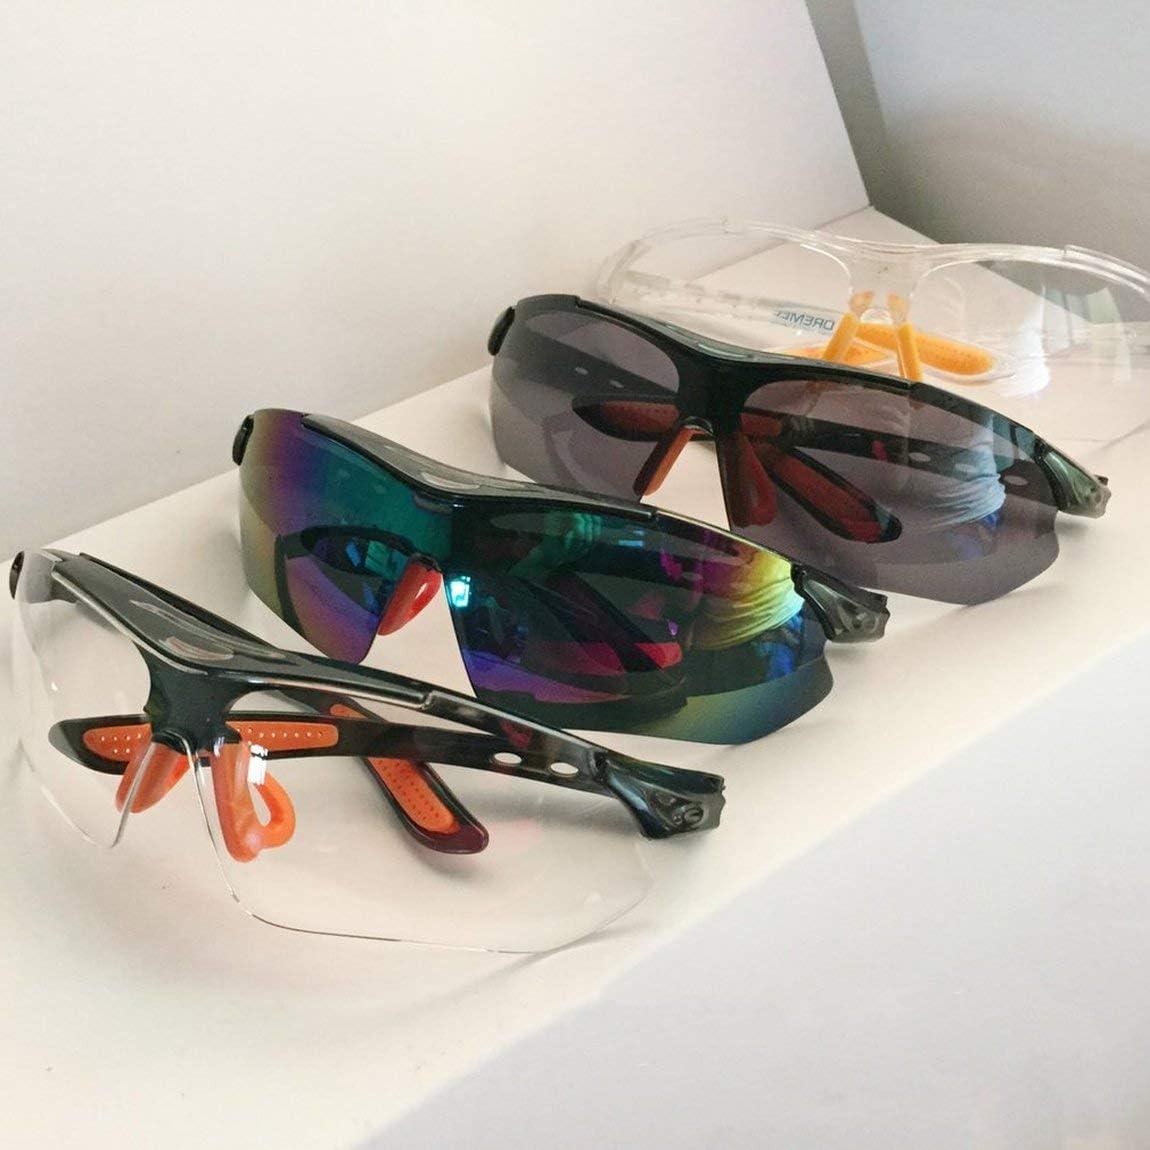 color: transparente 1 PC Gafas de seguridad Laboratorio Protecci/ón ocular Gafas protectoras m/édicas Lentes transparentes Gafas de seguridad en el lugar de trabajo Suministros antipolvo y